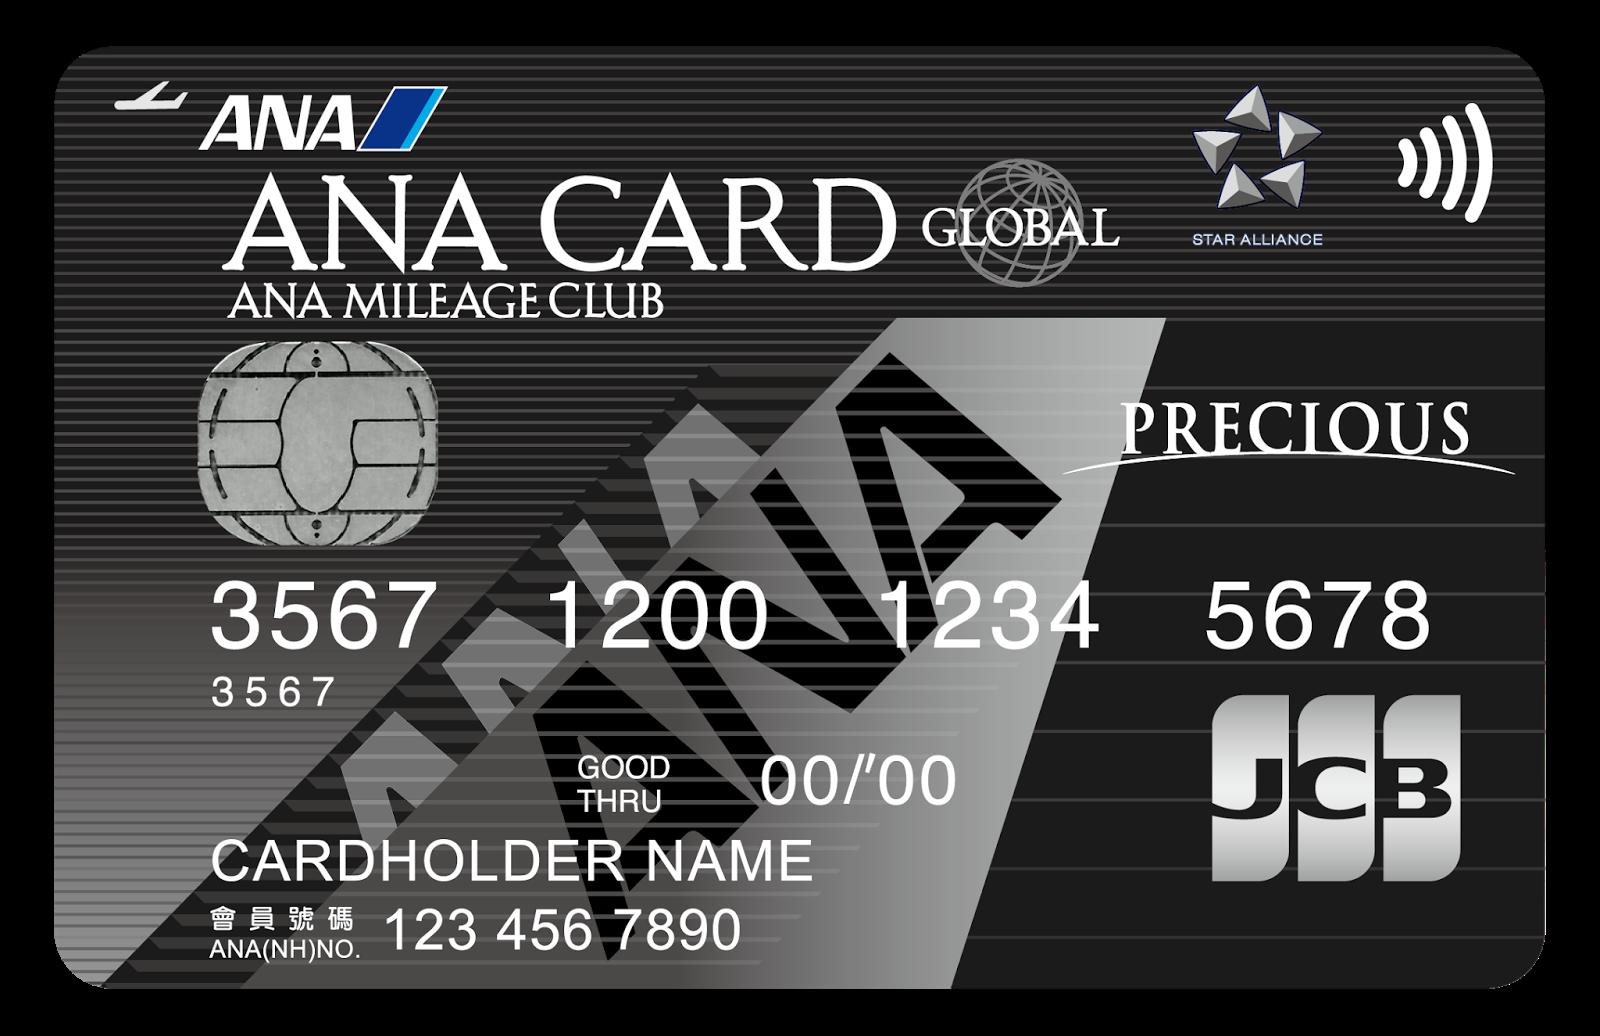 中國信託 ANA聯名卡 申請心得 @ 符碼記憶